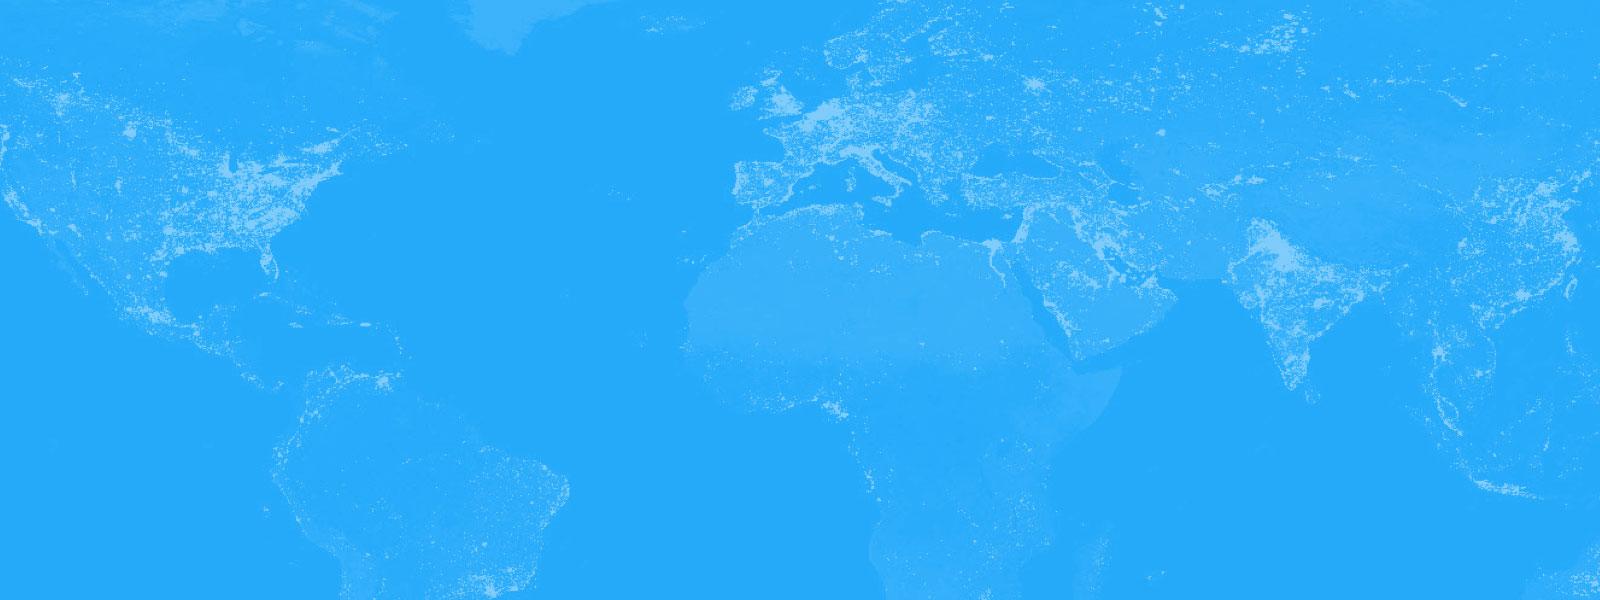 Hubspot-bg-image.jpg